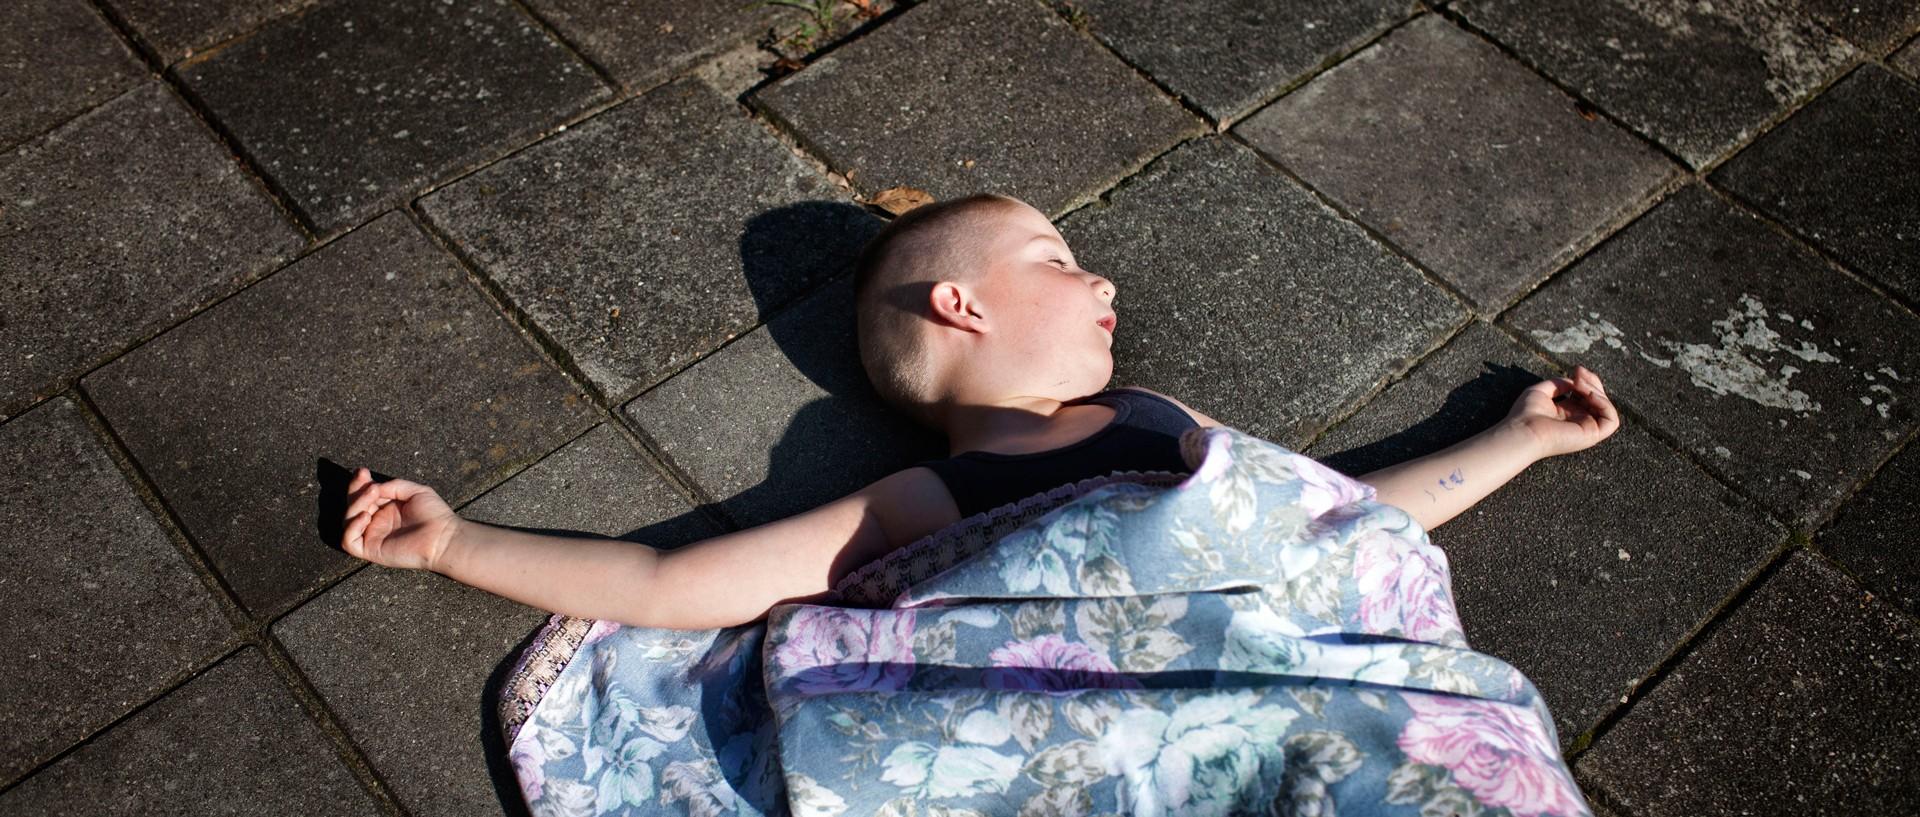 Alex is een kind met het foetaal alcoholsyndroom (FAS). Deze foto is onderdeel van het project 'FAS-kinderen, geboren met alcoholschade' van fotograaf Allard de Witte en journalist Joost Bos. Foto: Allard de Witte